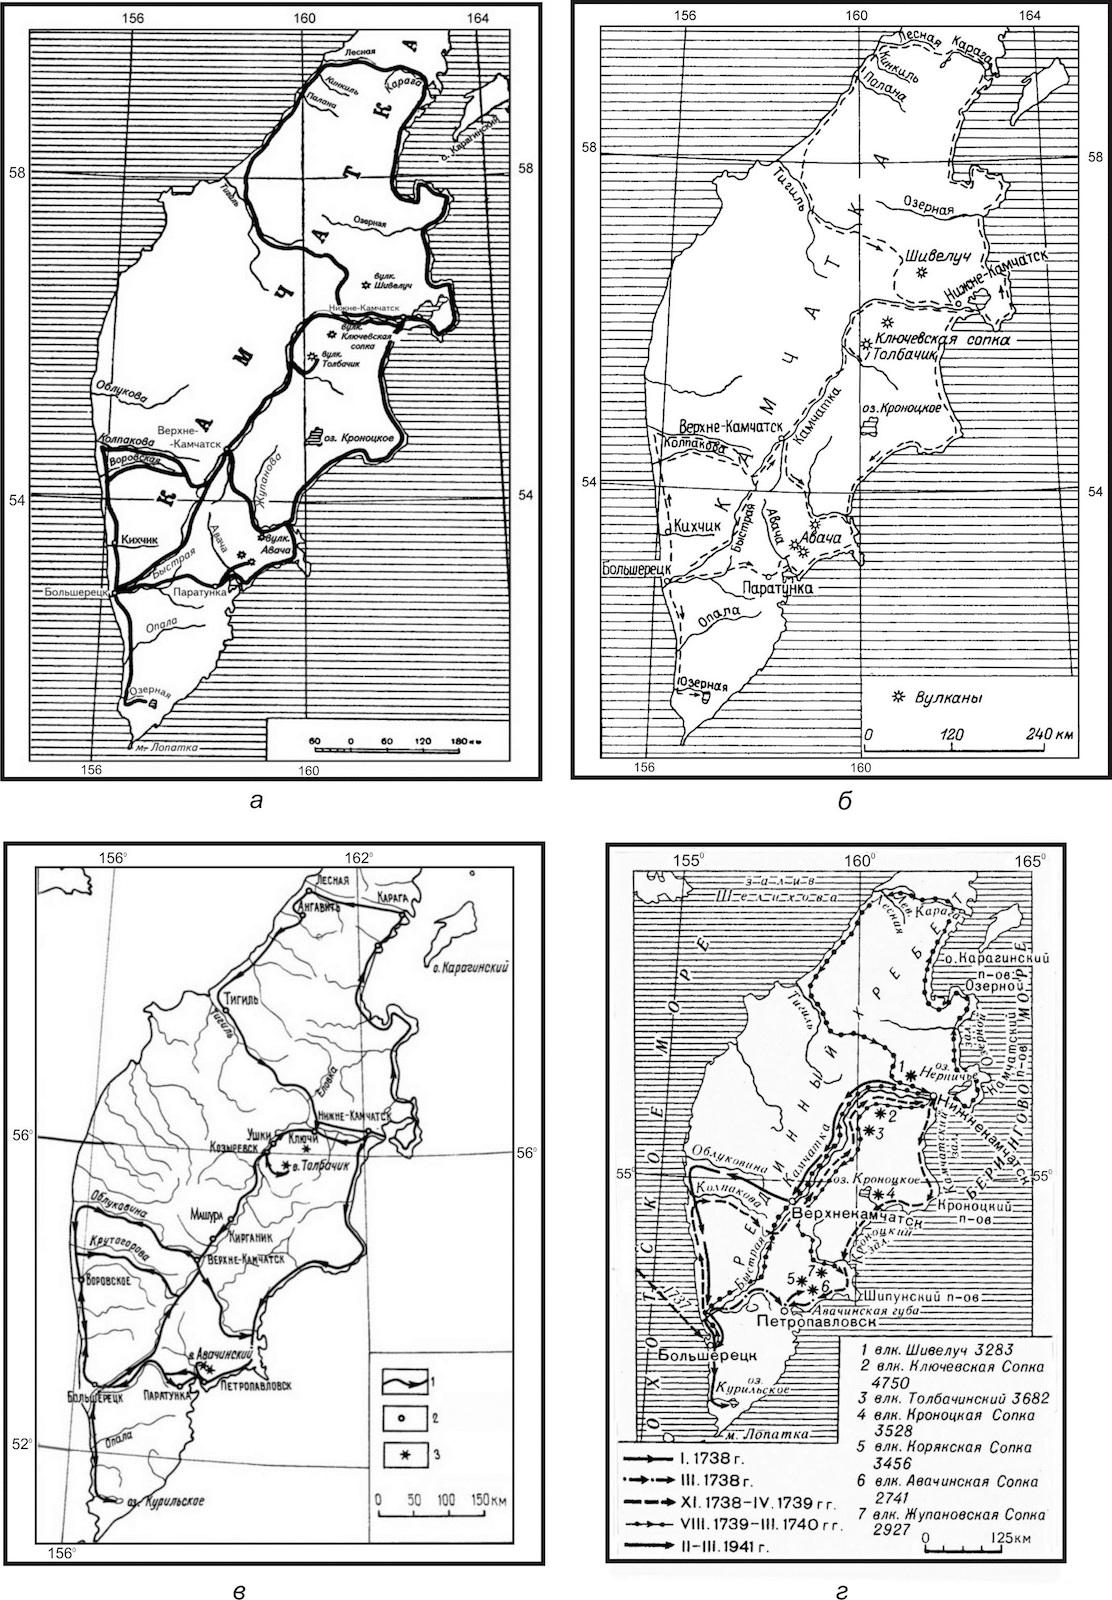 Карты поездок С. П. Крашенинникова по Камчатке разных авторов